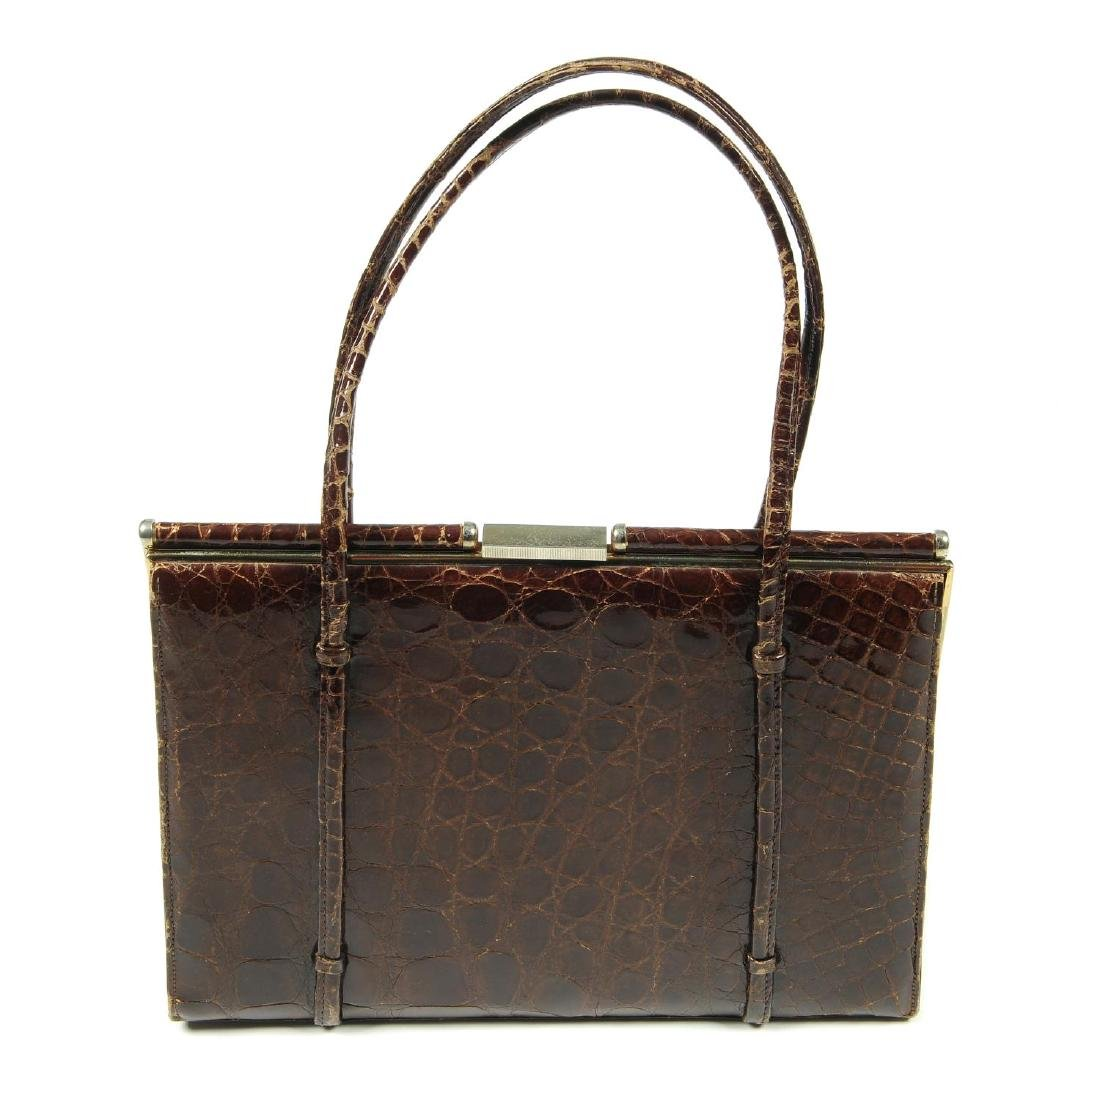 A vintage crocodile handbag and an enamel compact. To